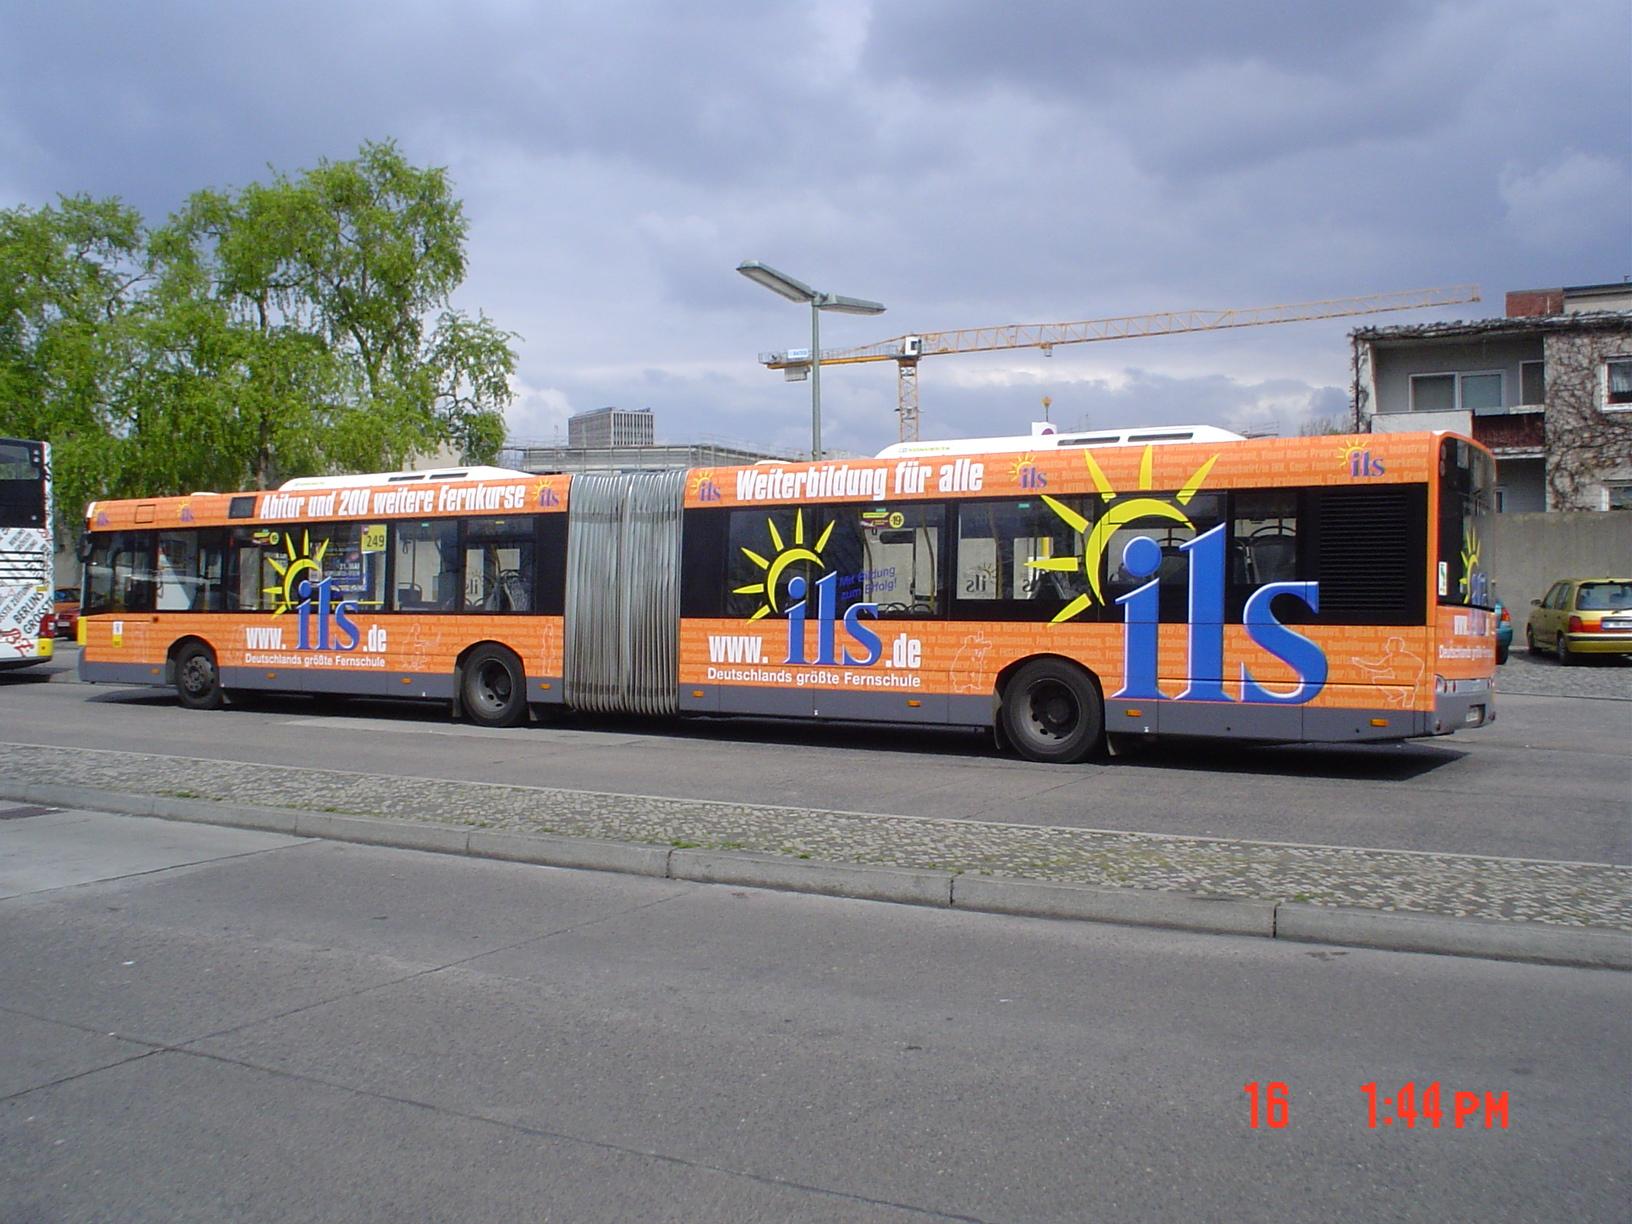 143_d47ae.jpg